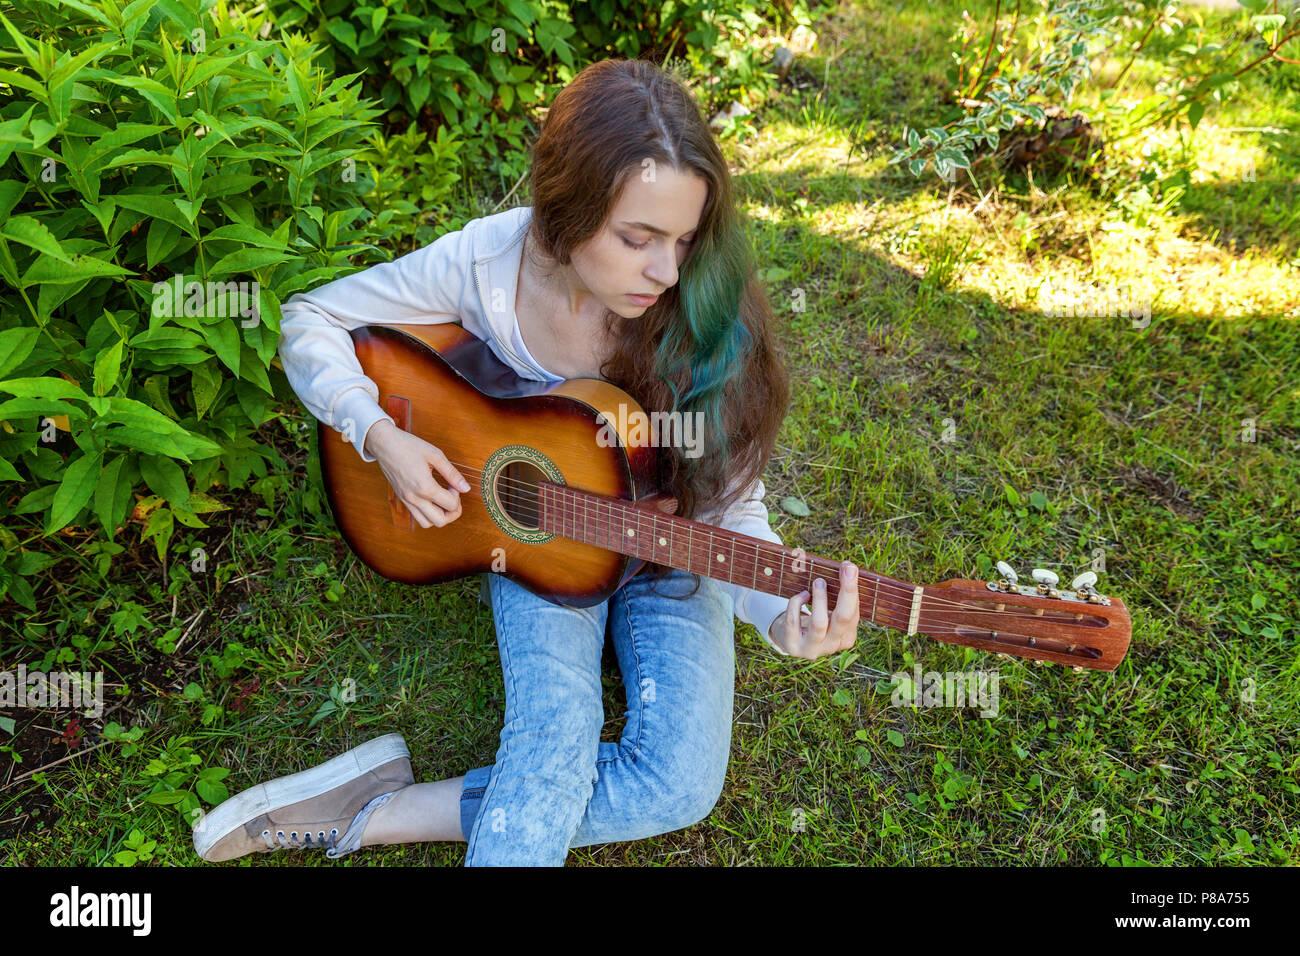 Teen girl teen girl musician ohio bachelor